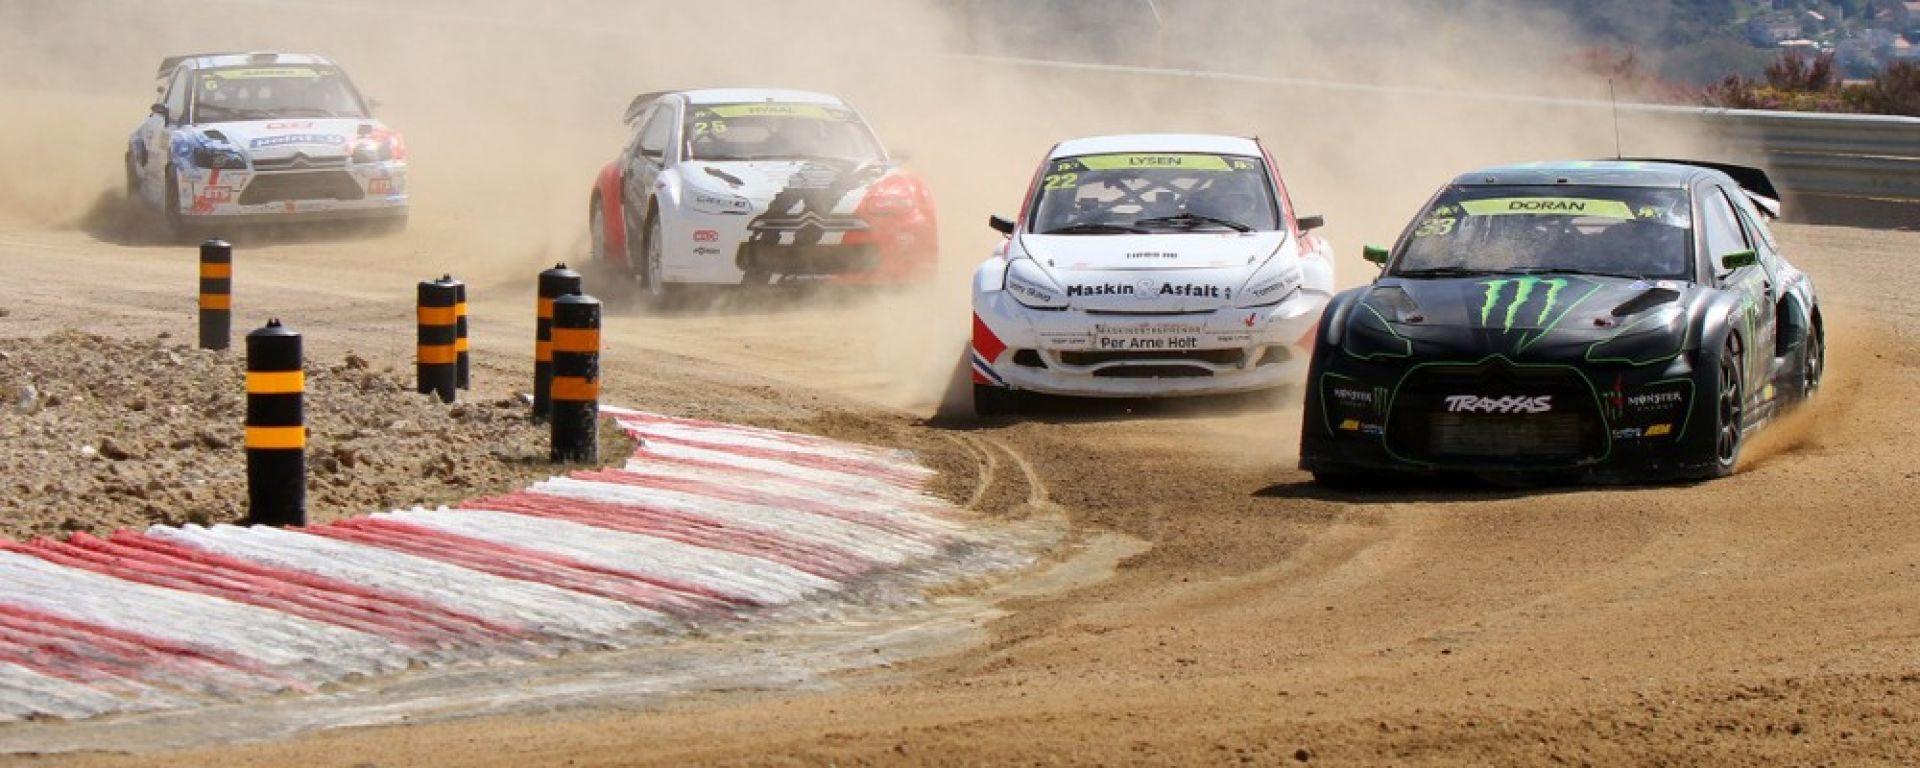 RX 2016: Resoconto RD1 Circuito del Portogallo